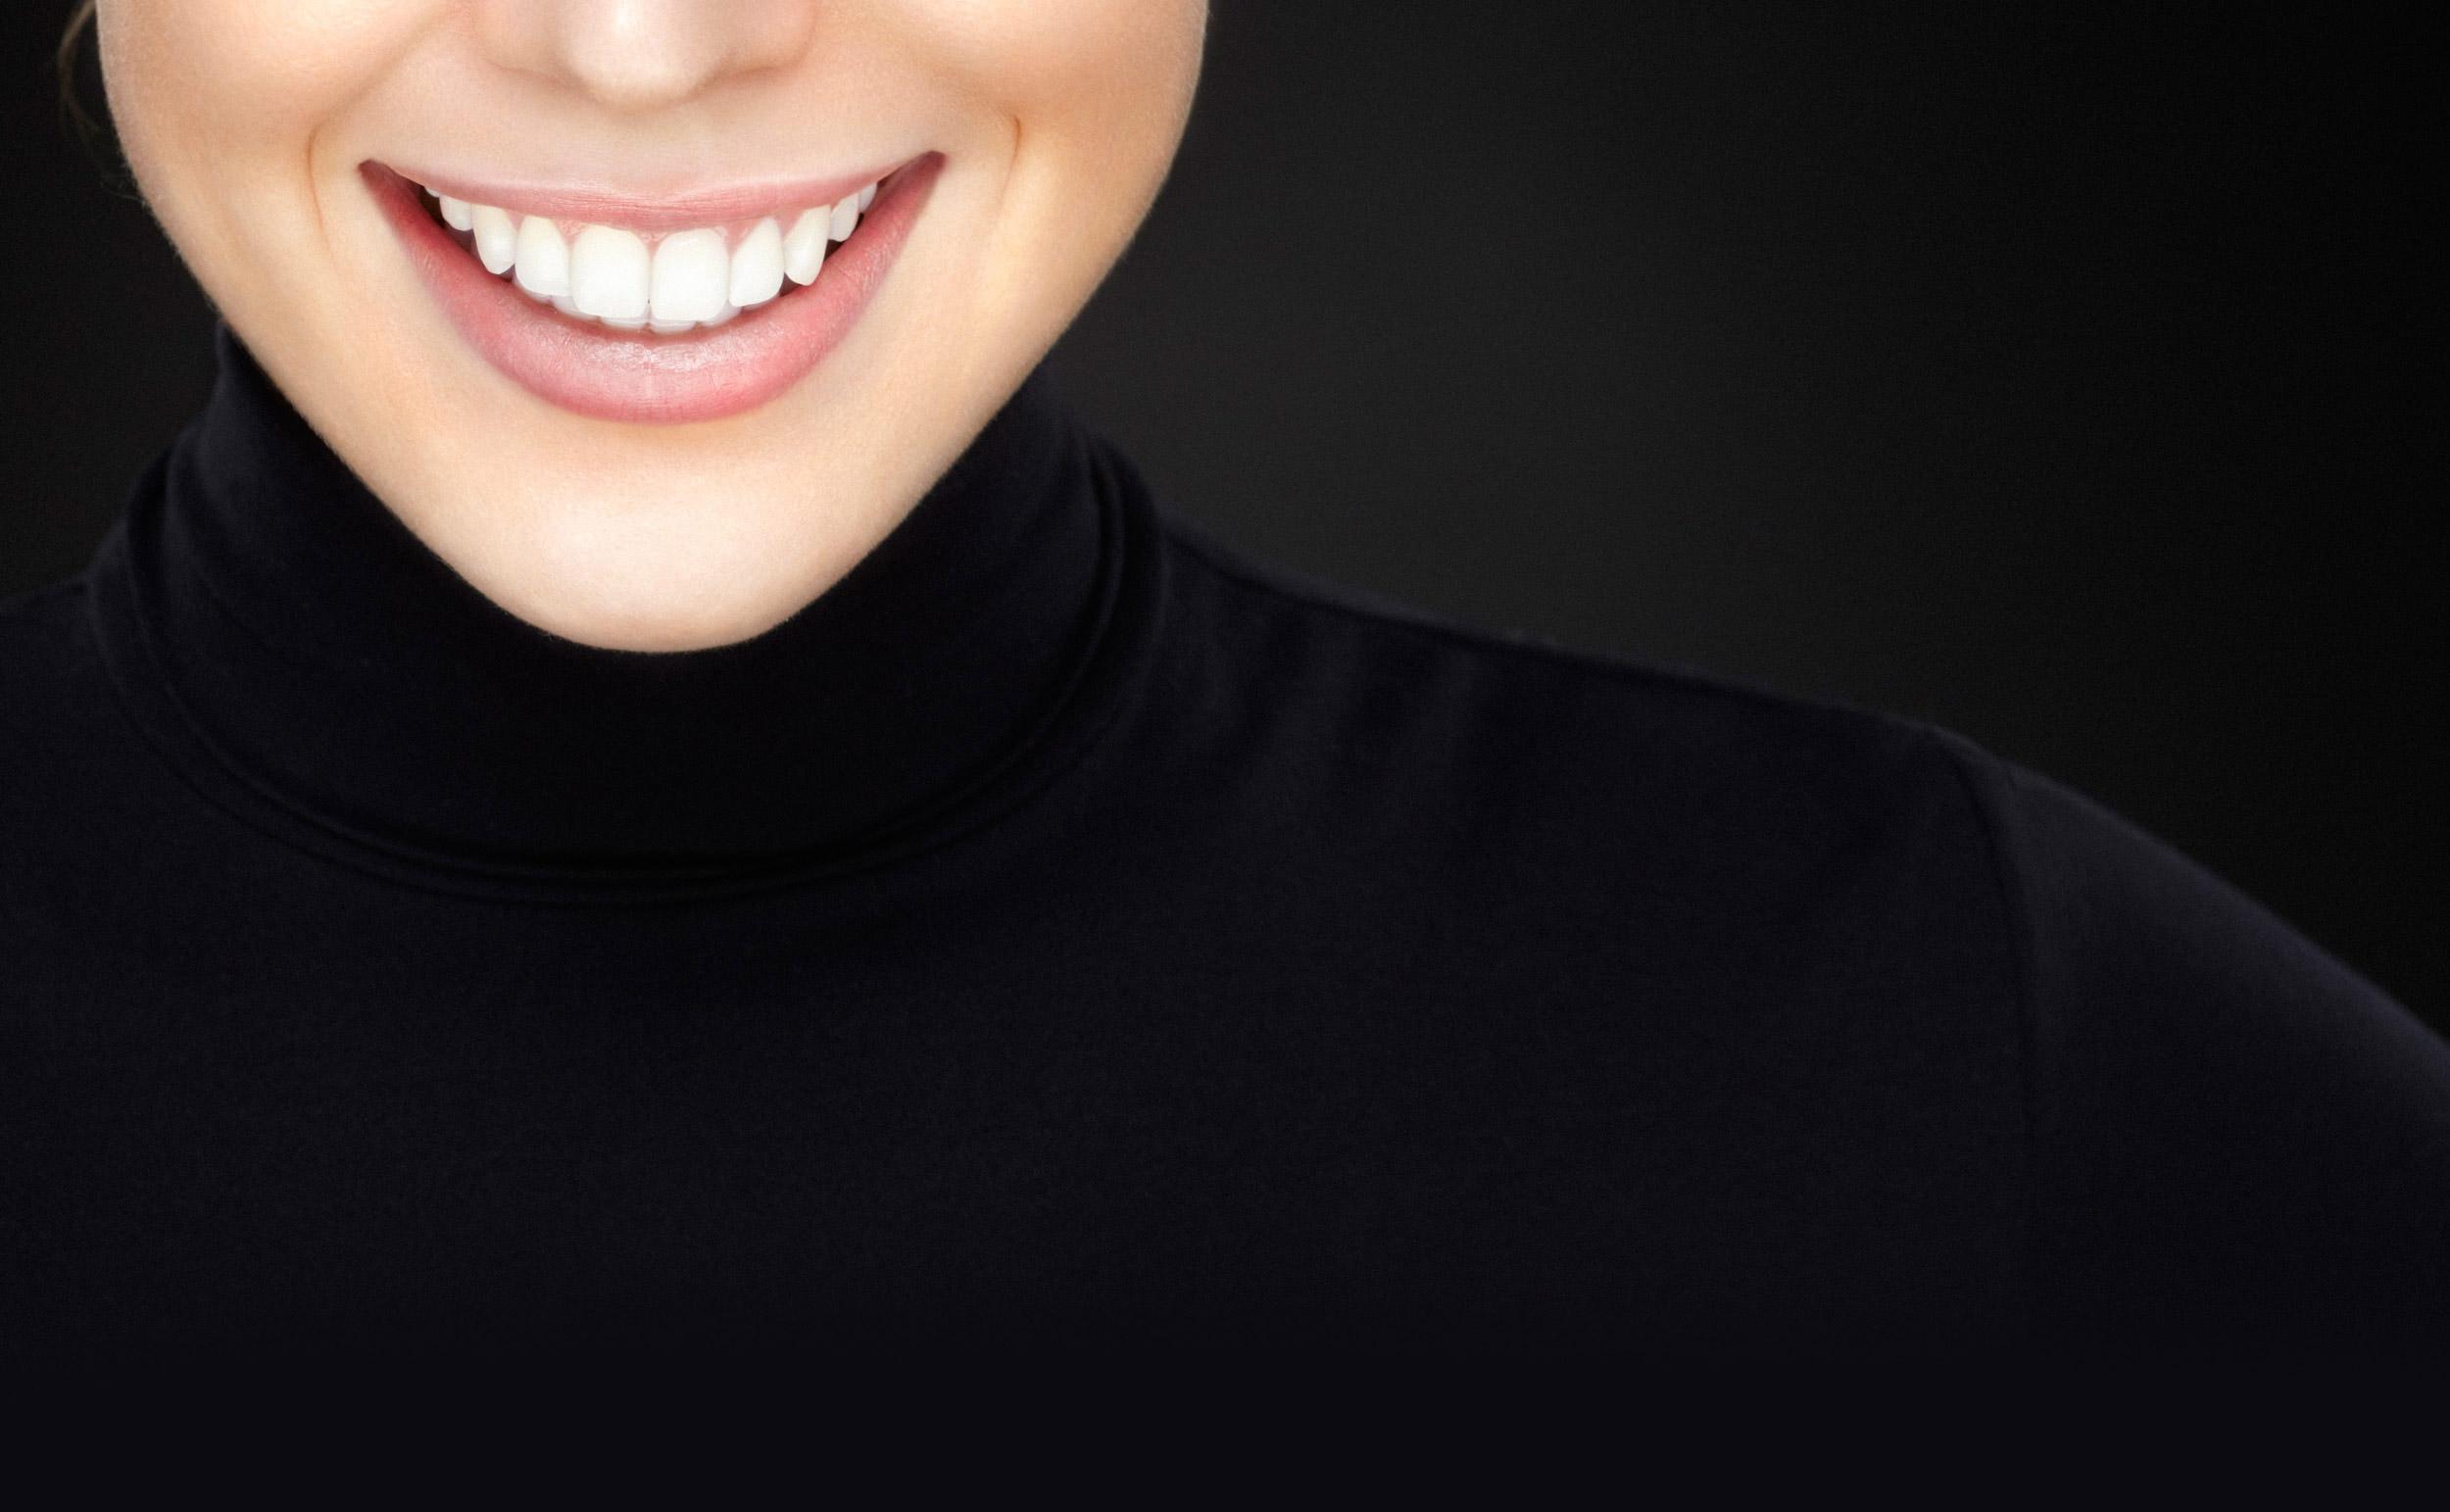 Imagen de una sonrisa